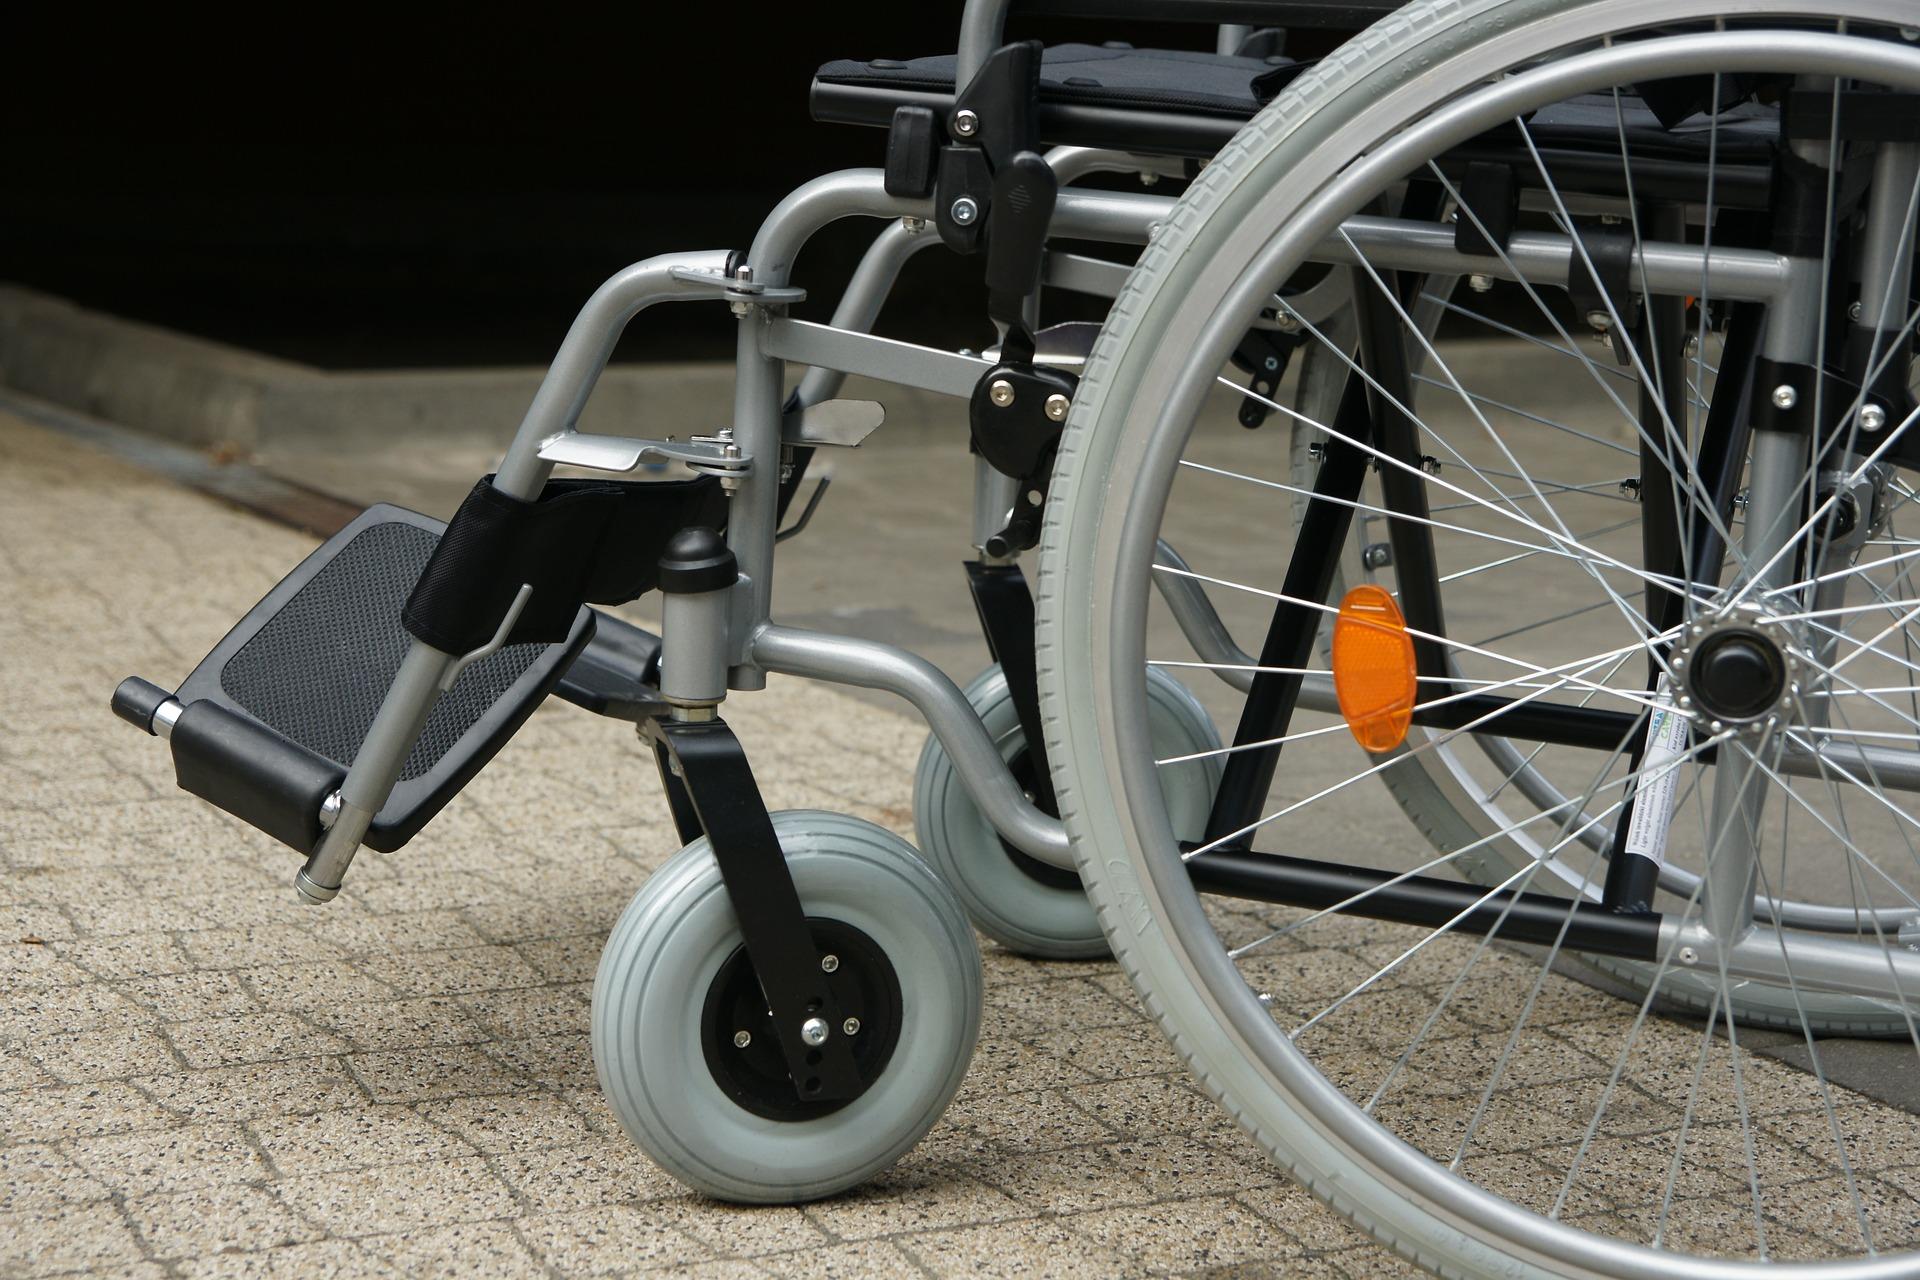 Rollstuhl vor einem Gebäude